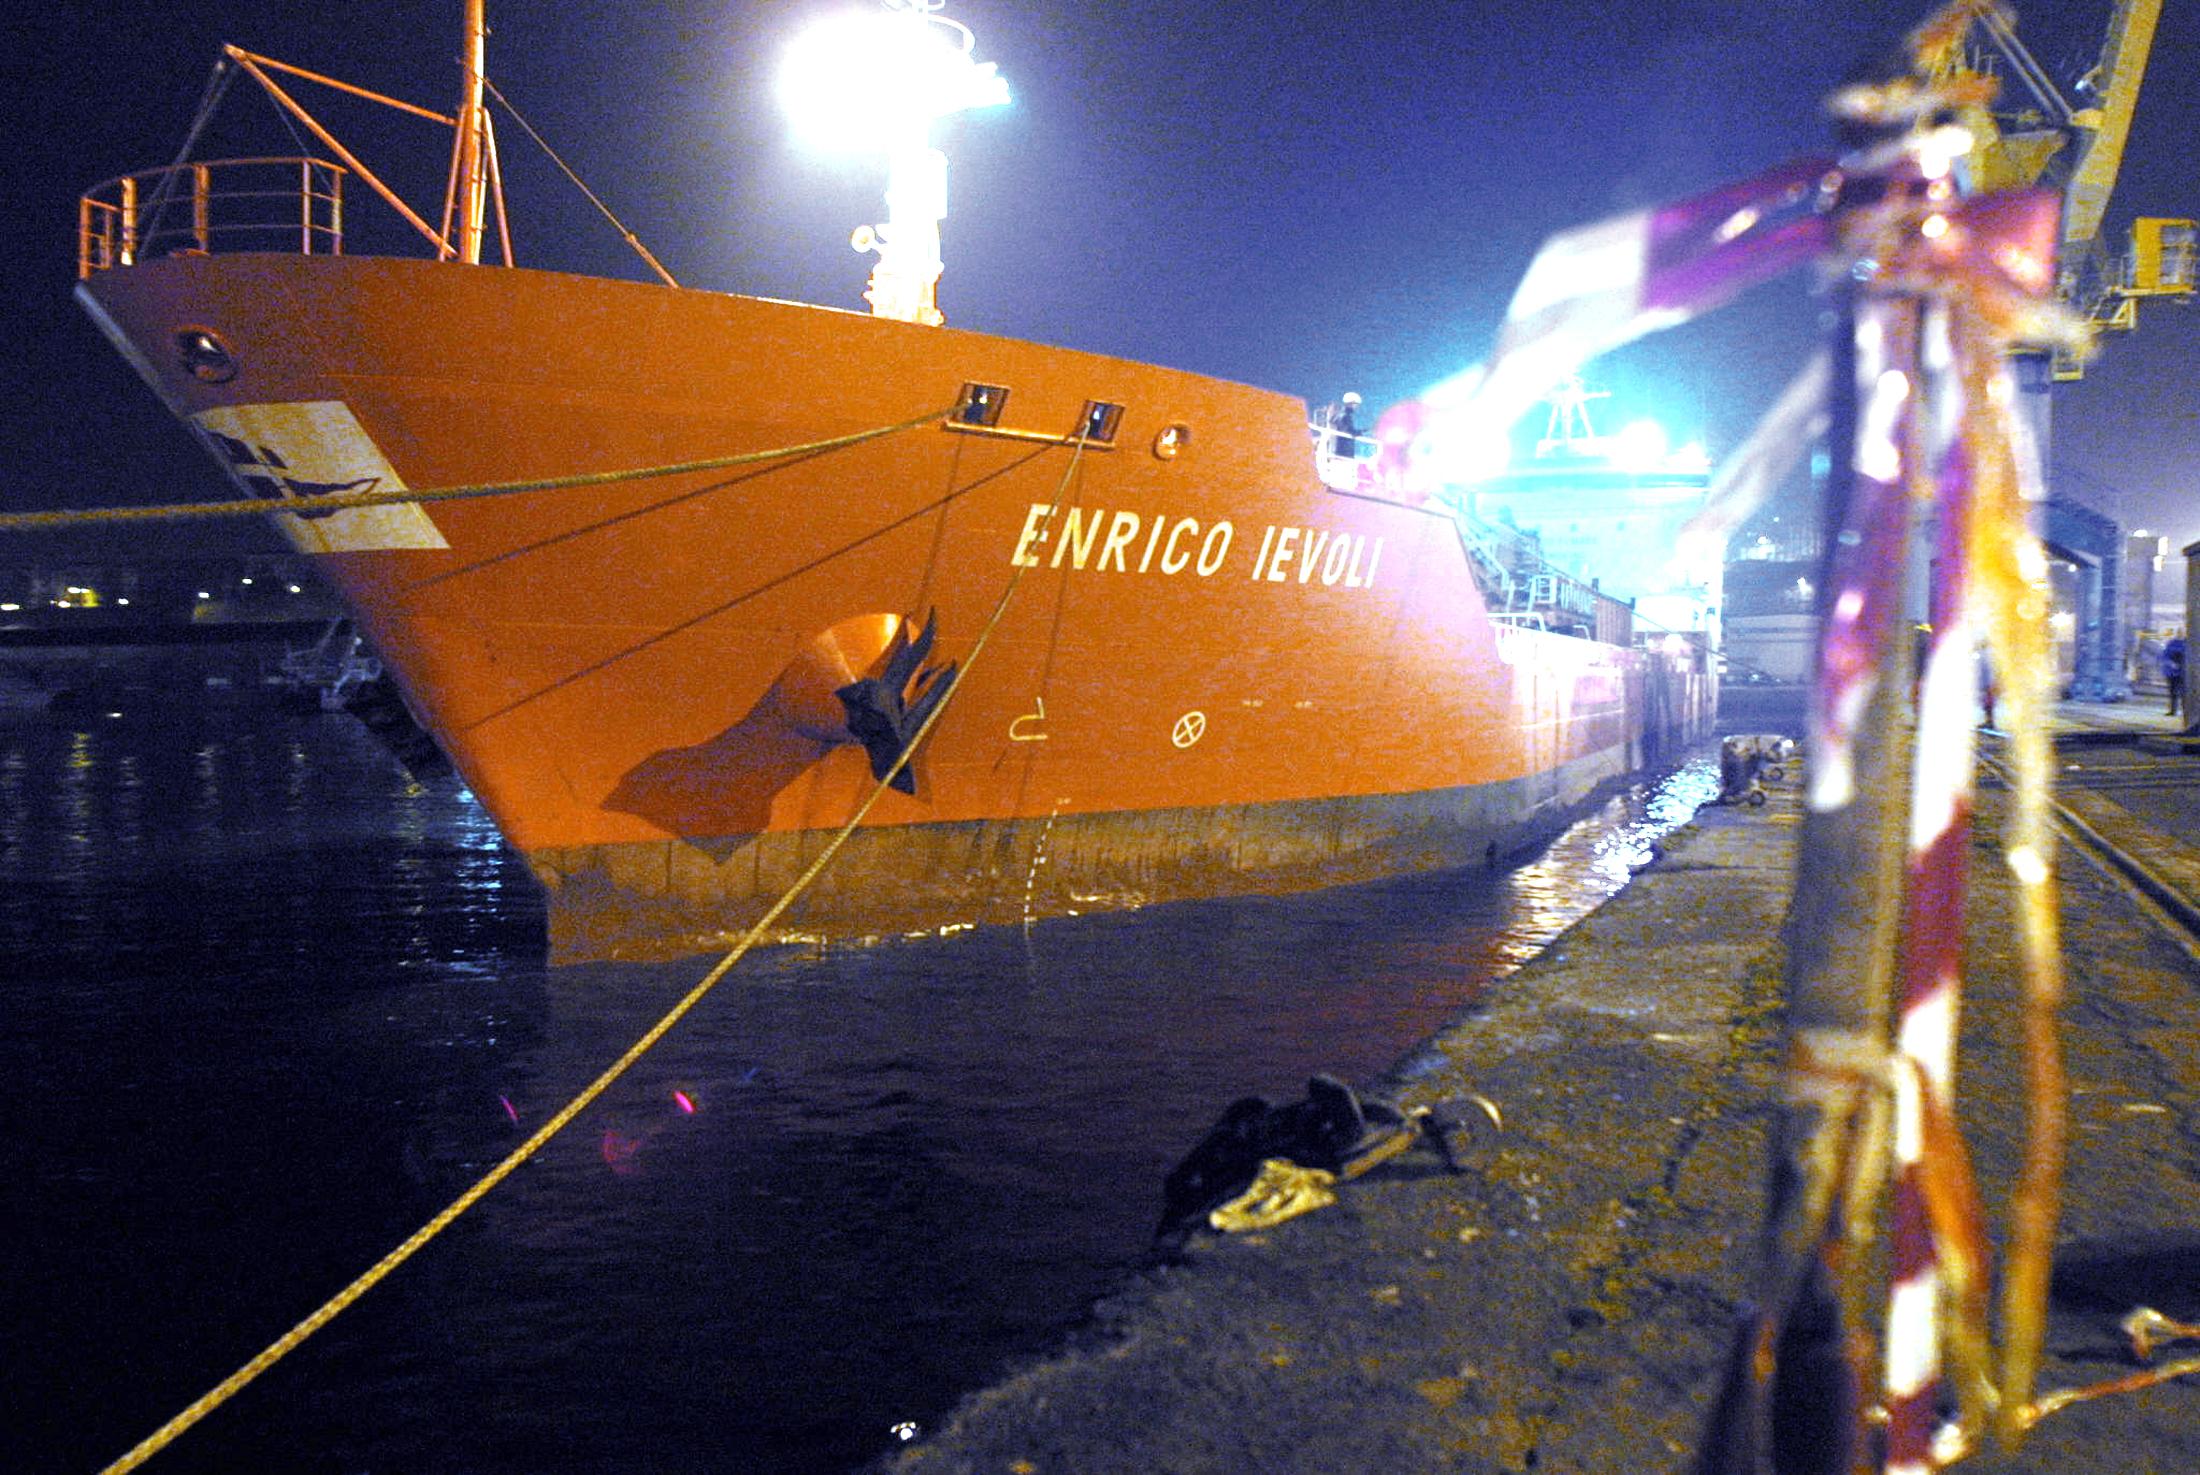 Итальянский танкер Enrico Ievoli